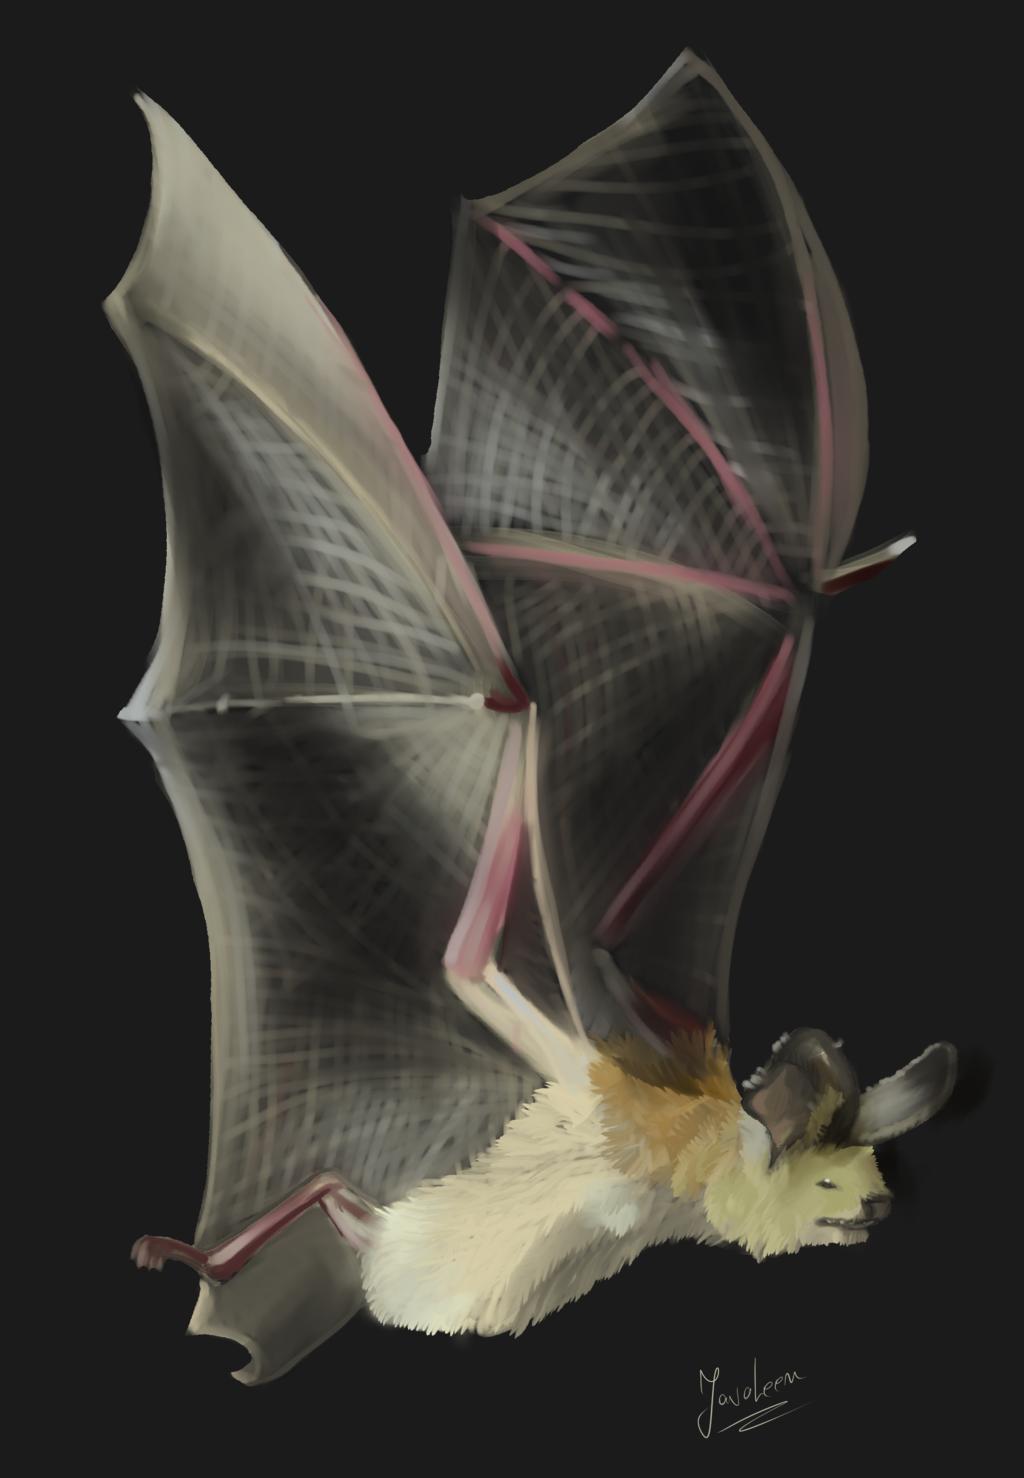 Most recent image: Bat study